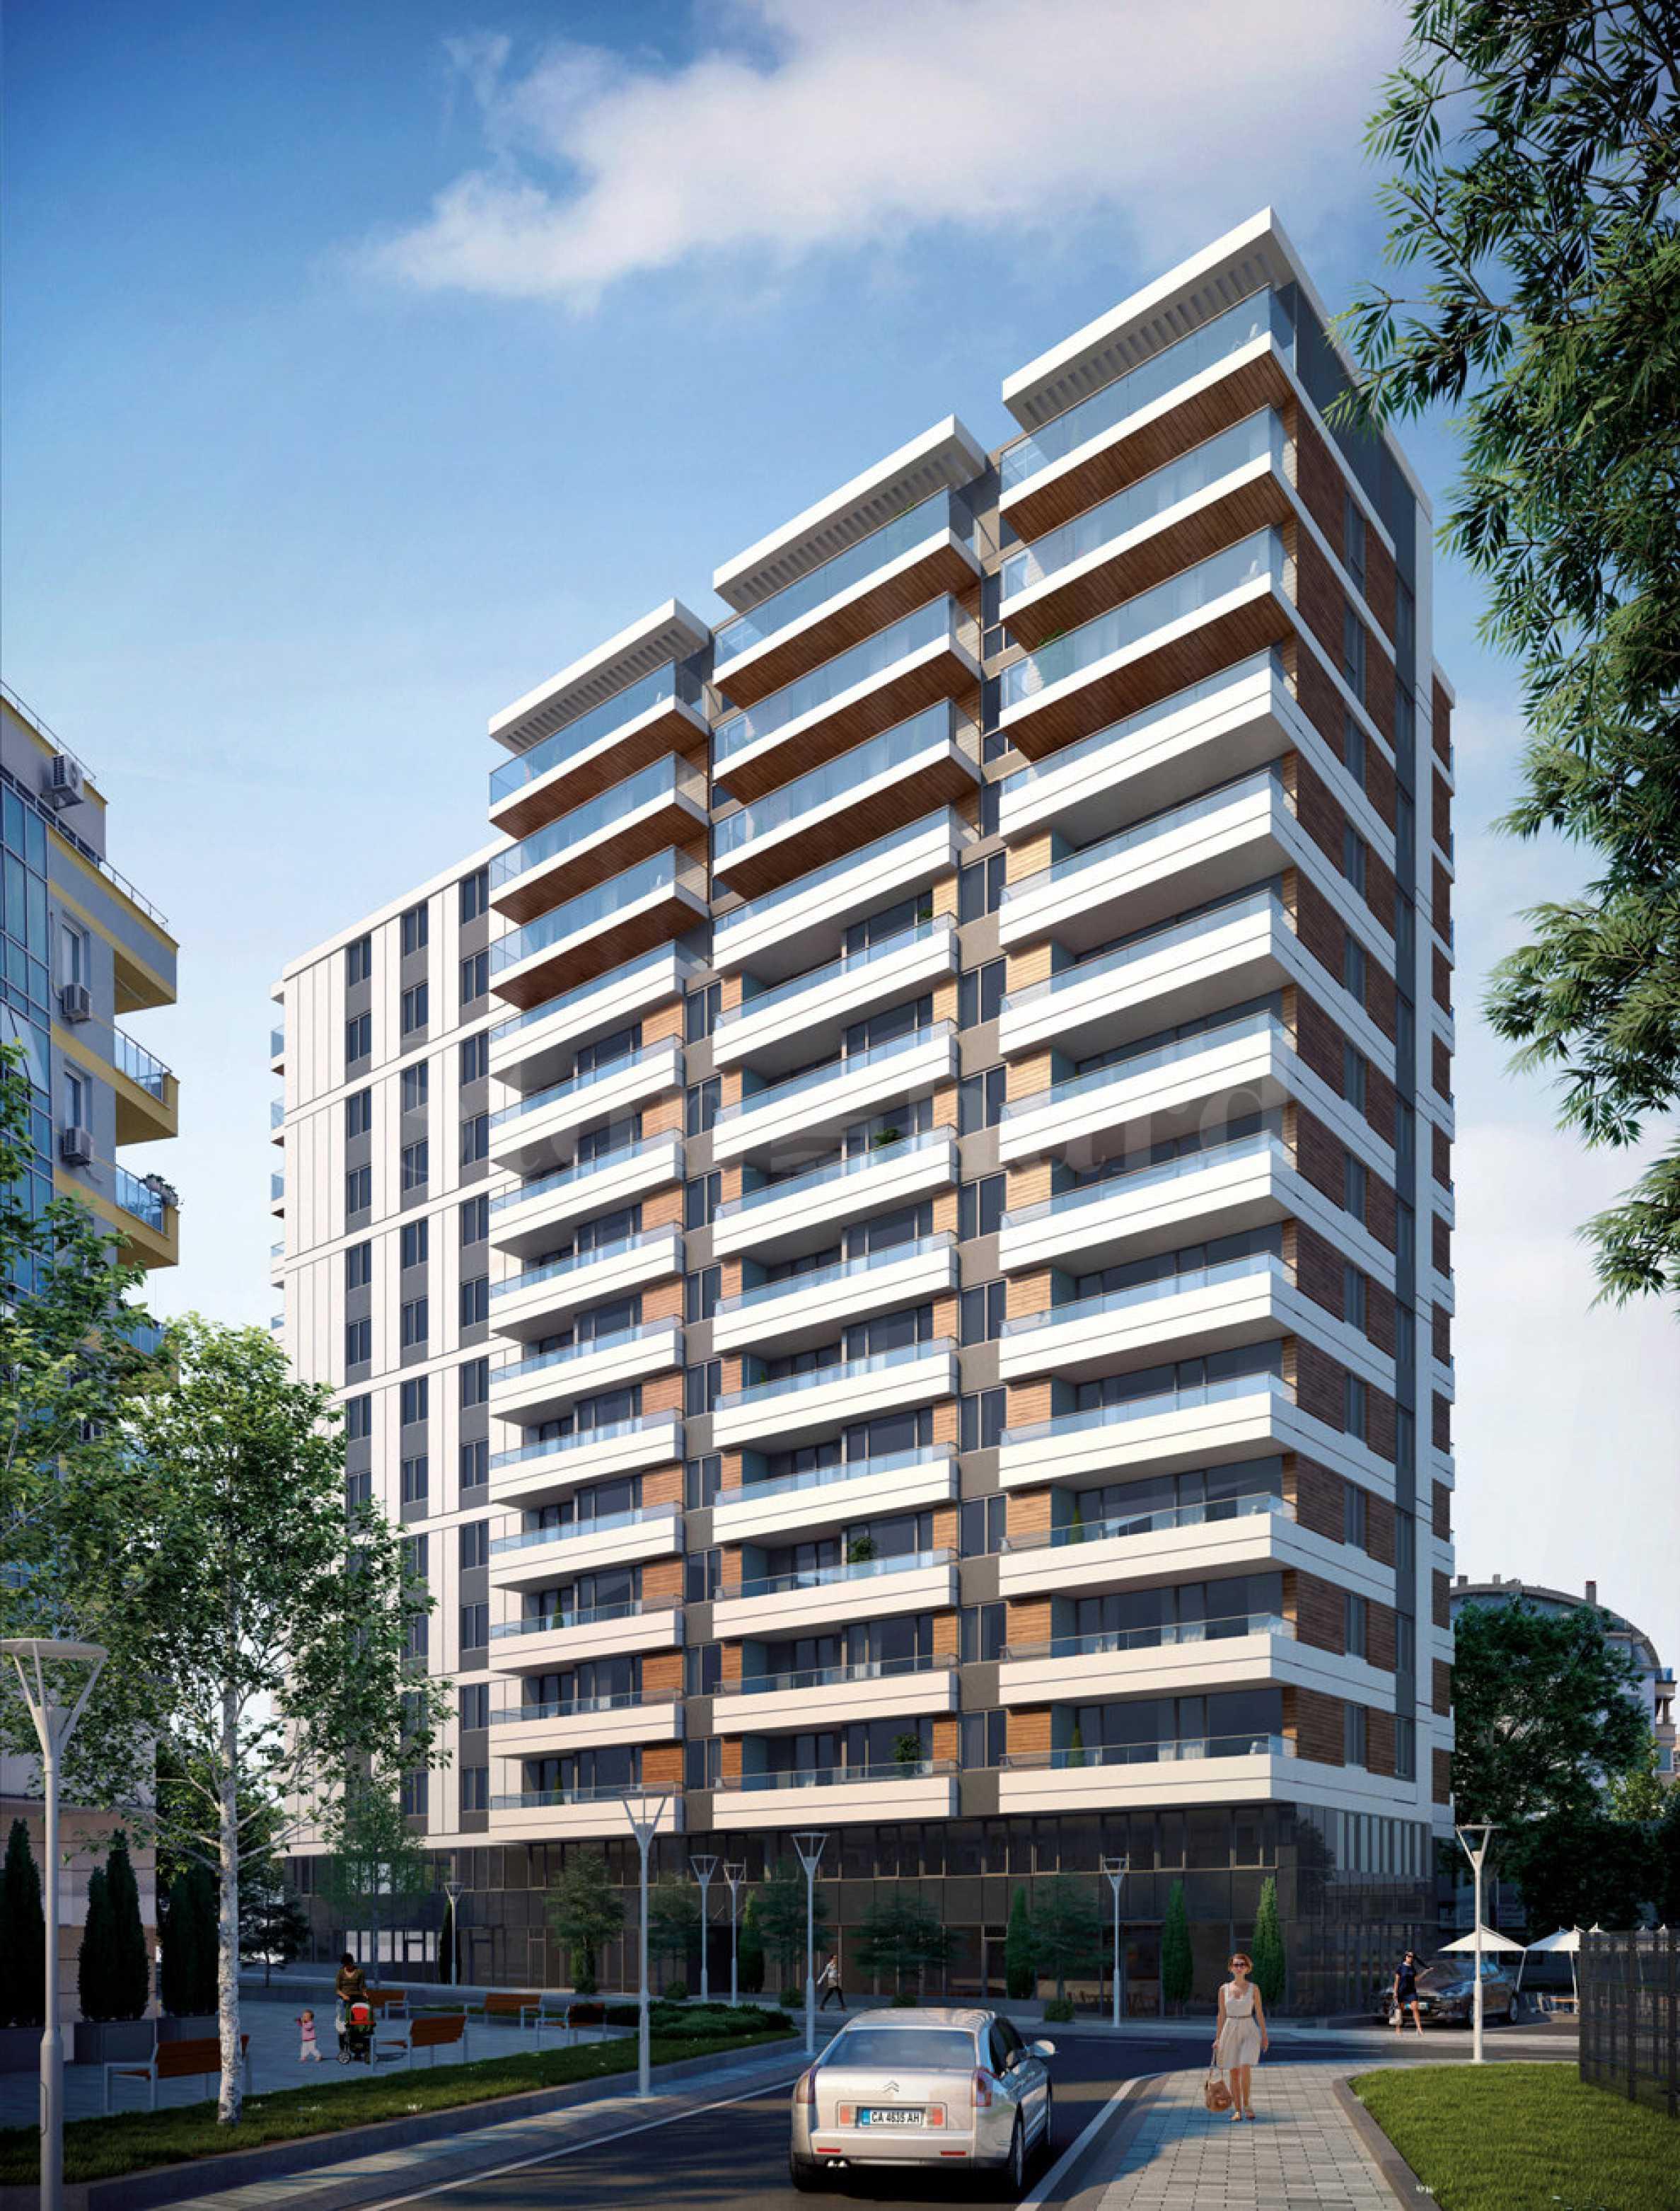 Апартаменти с разкошна панорама към Витоша1 - Stonehard